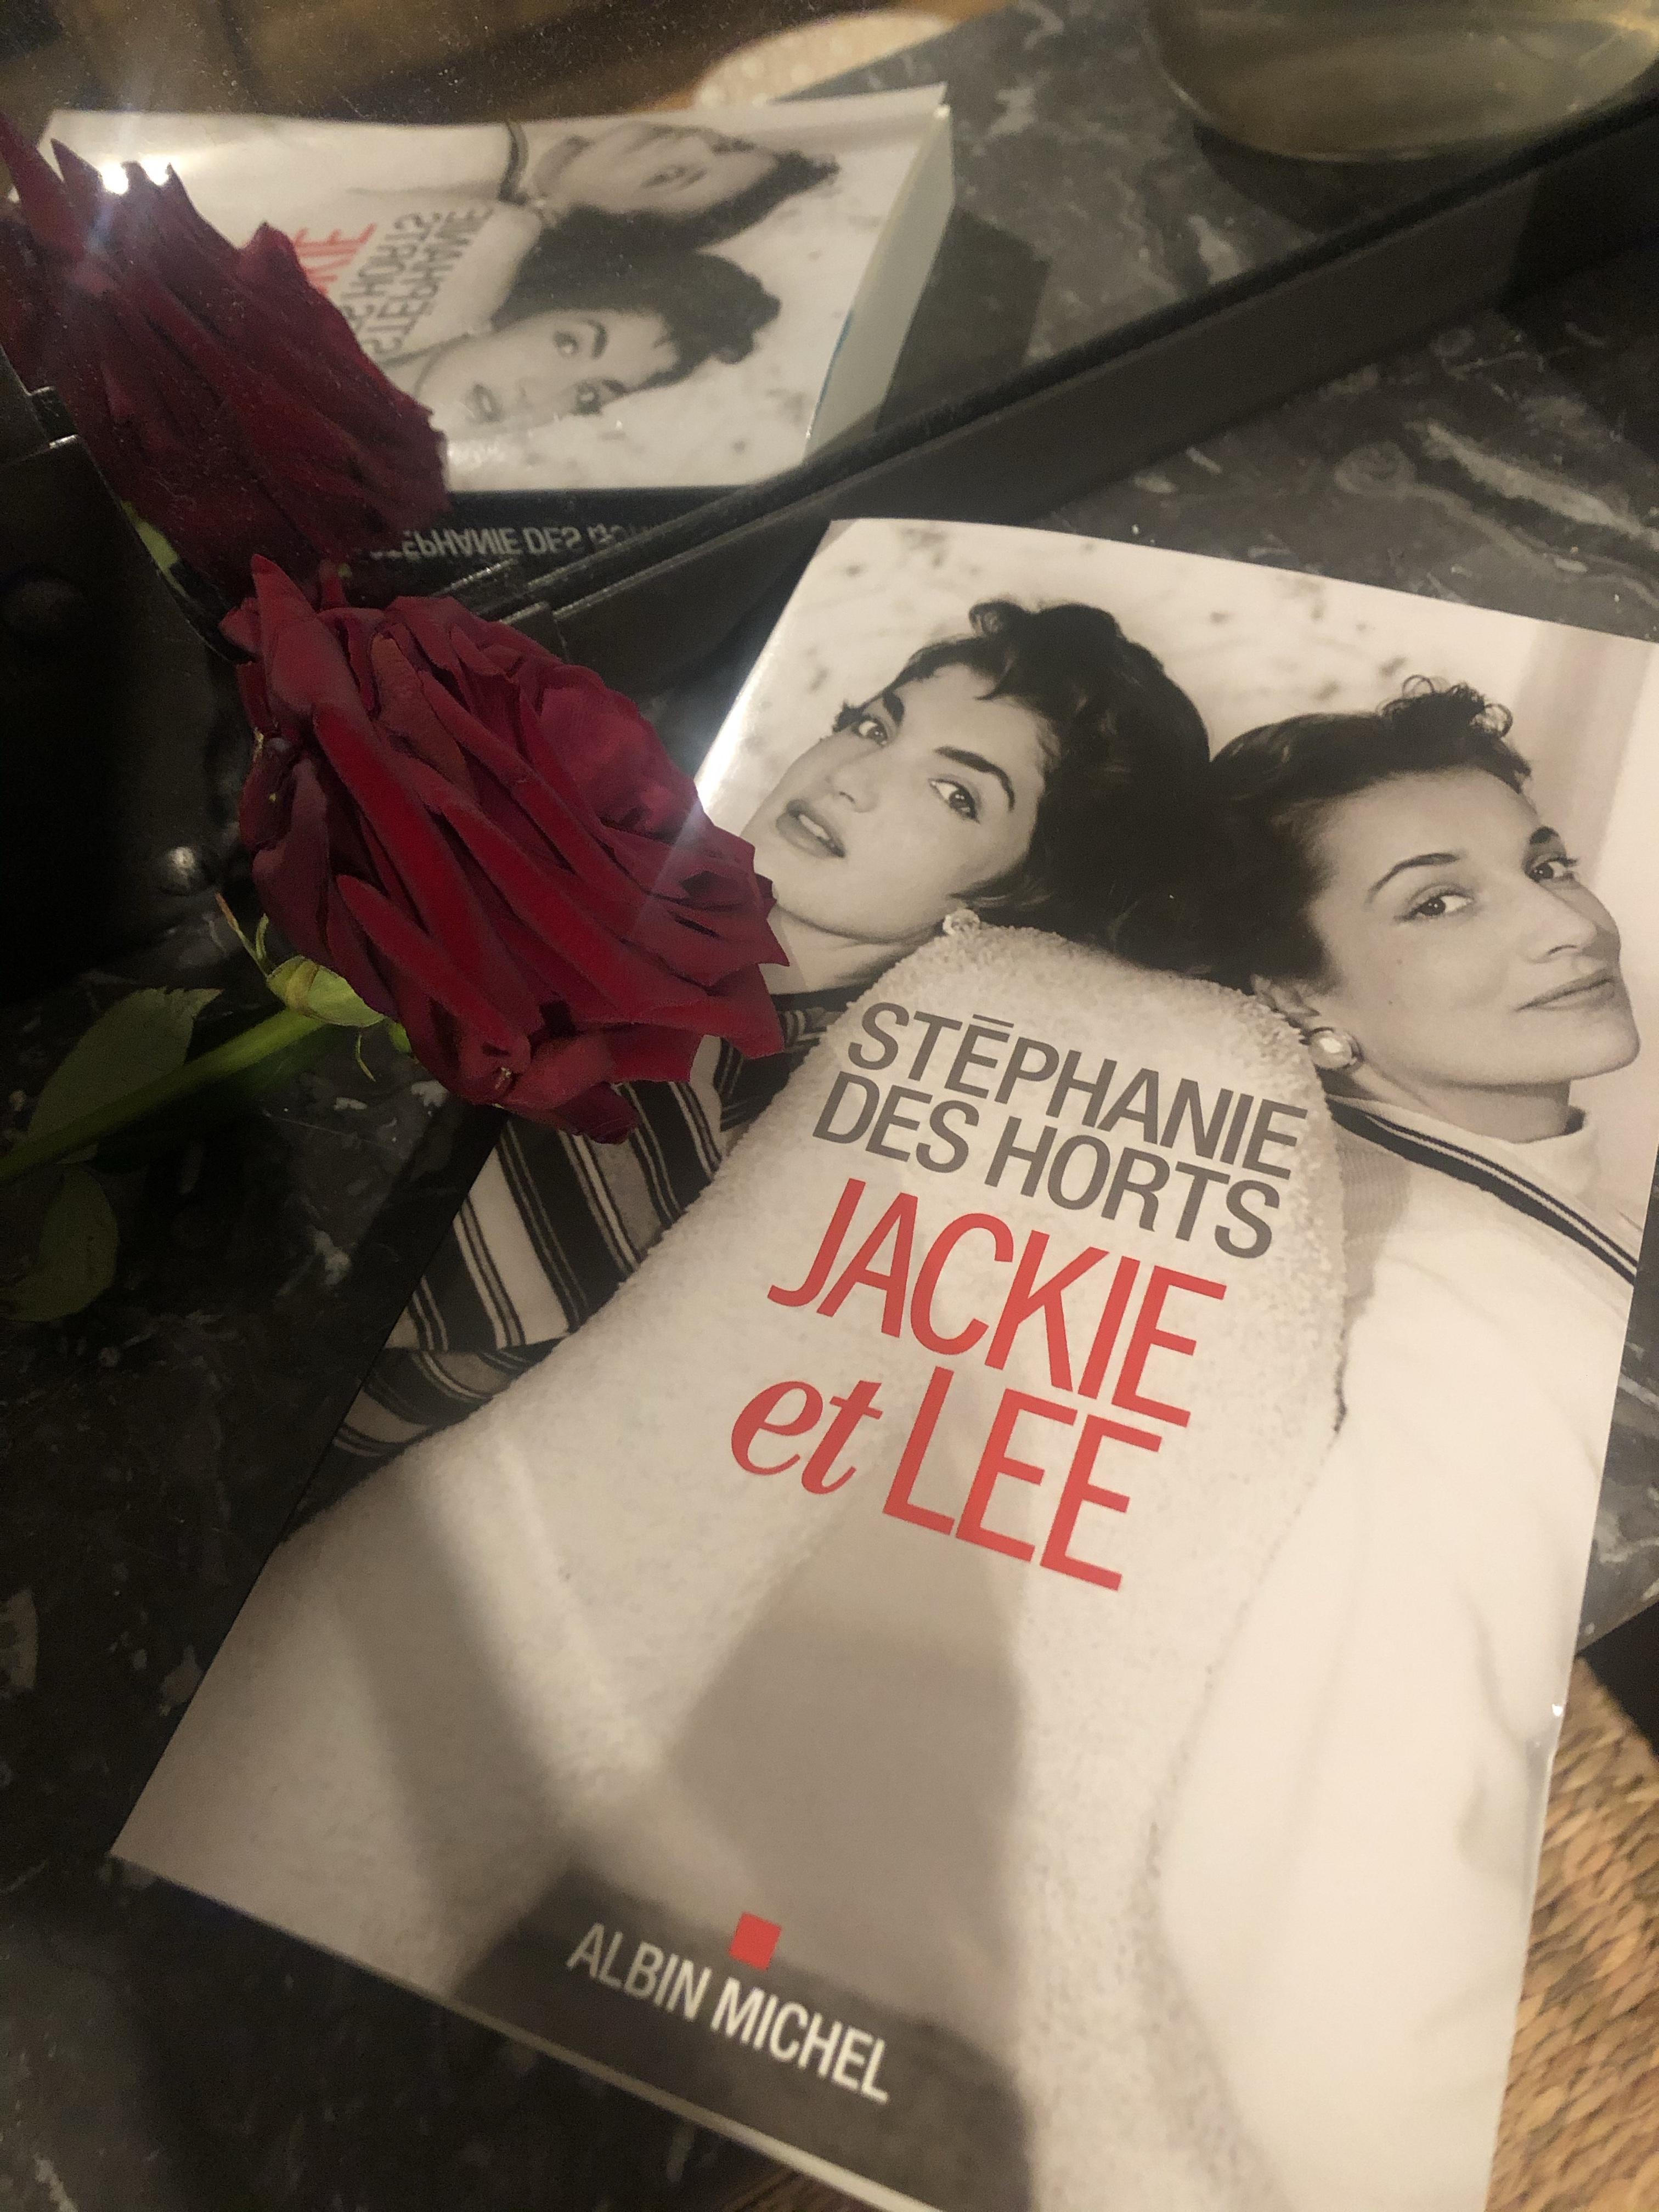 Jackie et Lee, Stéphanie des Horts